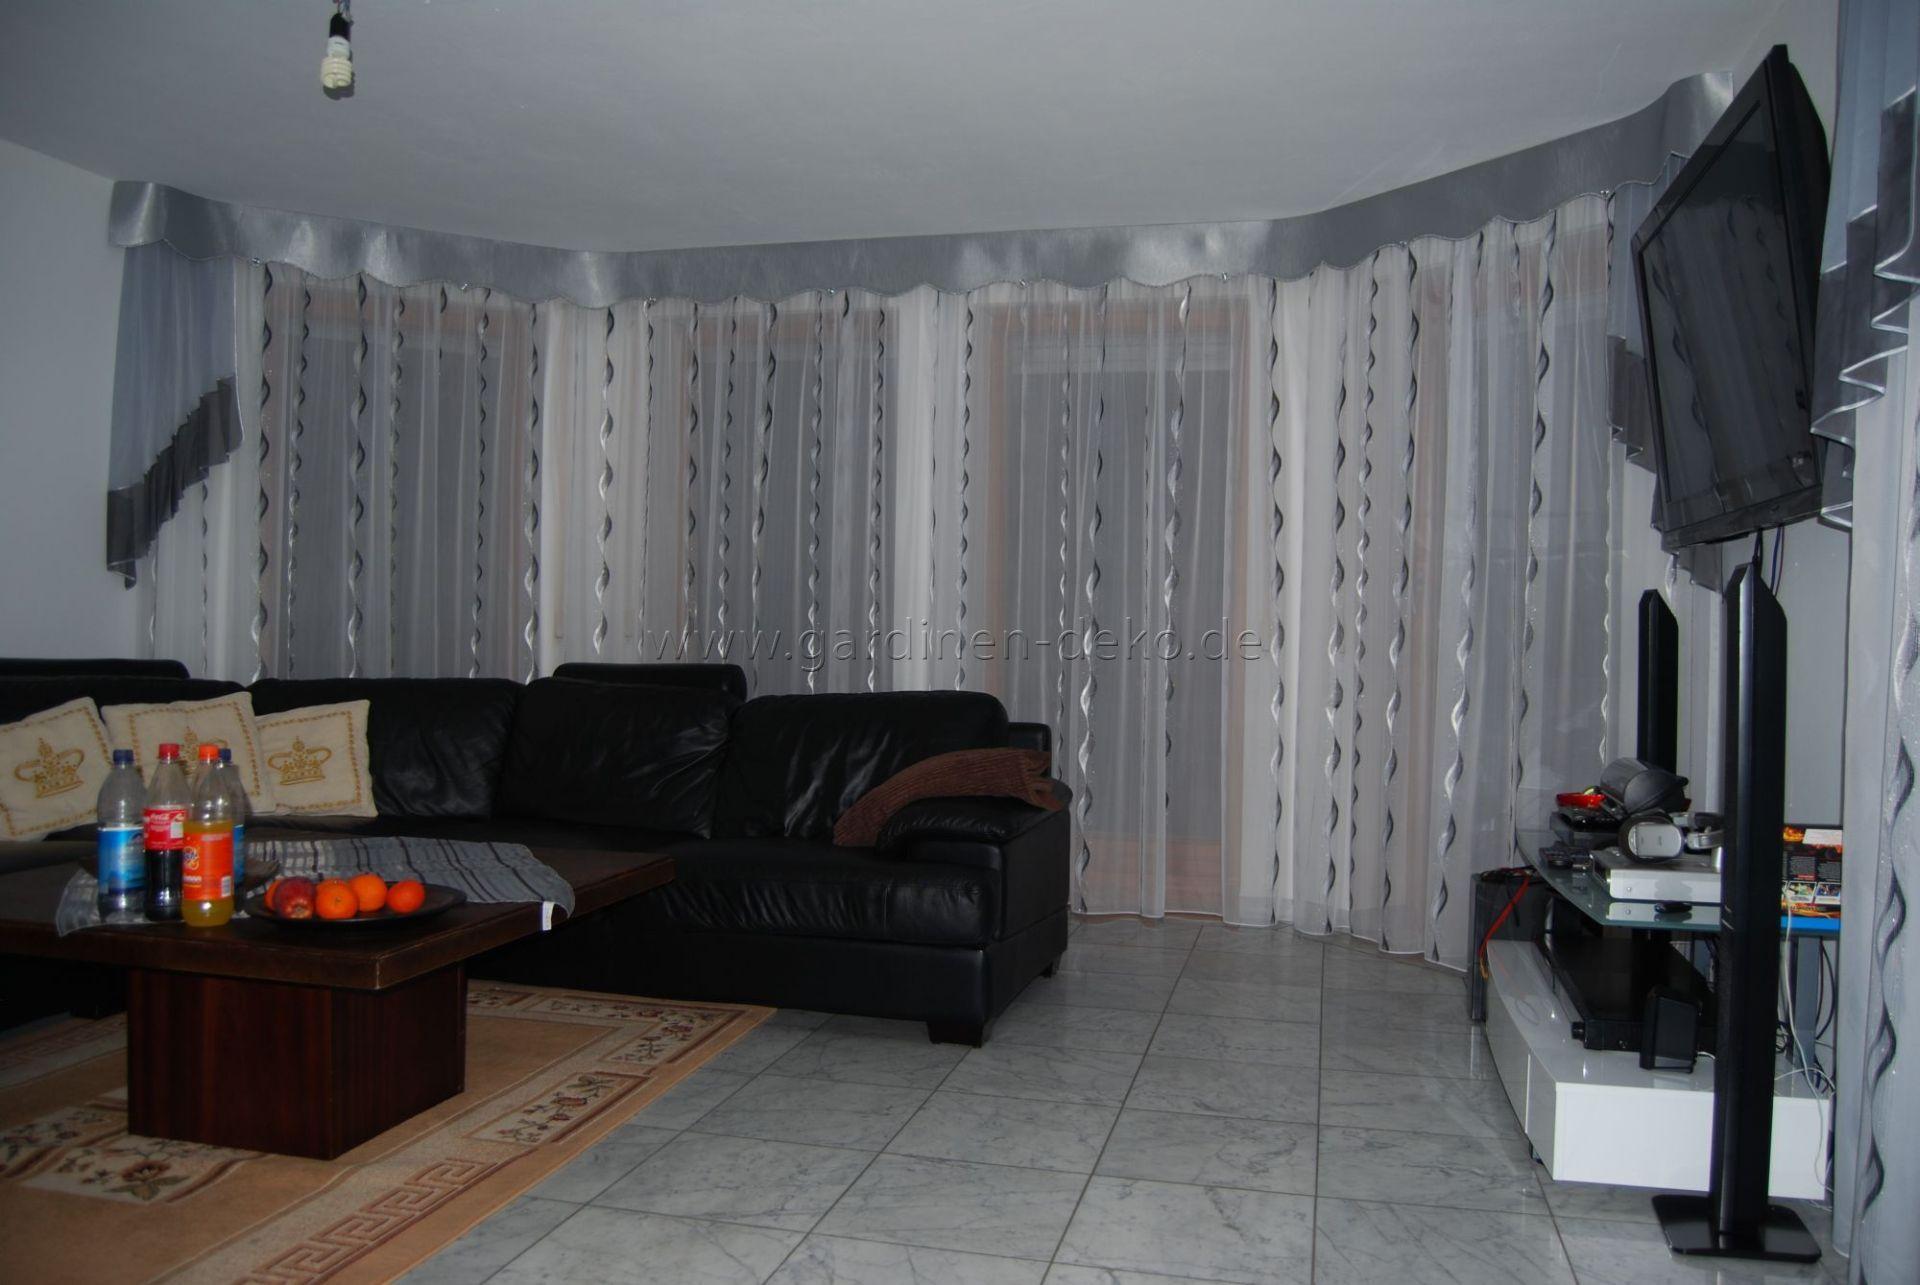 Wohnzimmer Gardine In Klassischem Stil Silber Grau Und Weiss